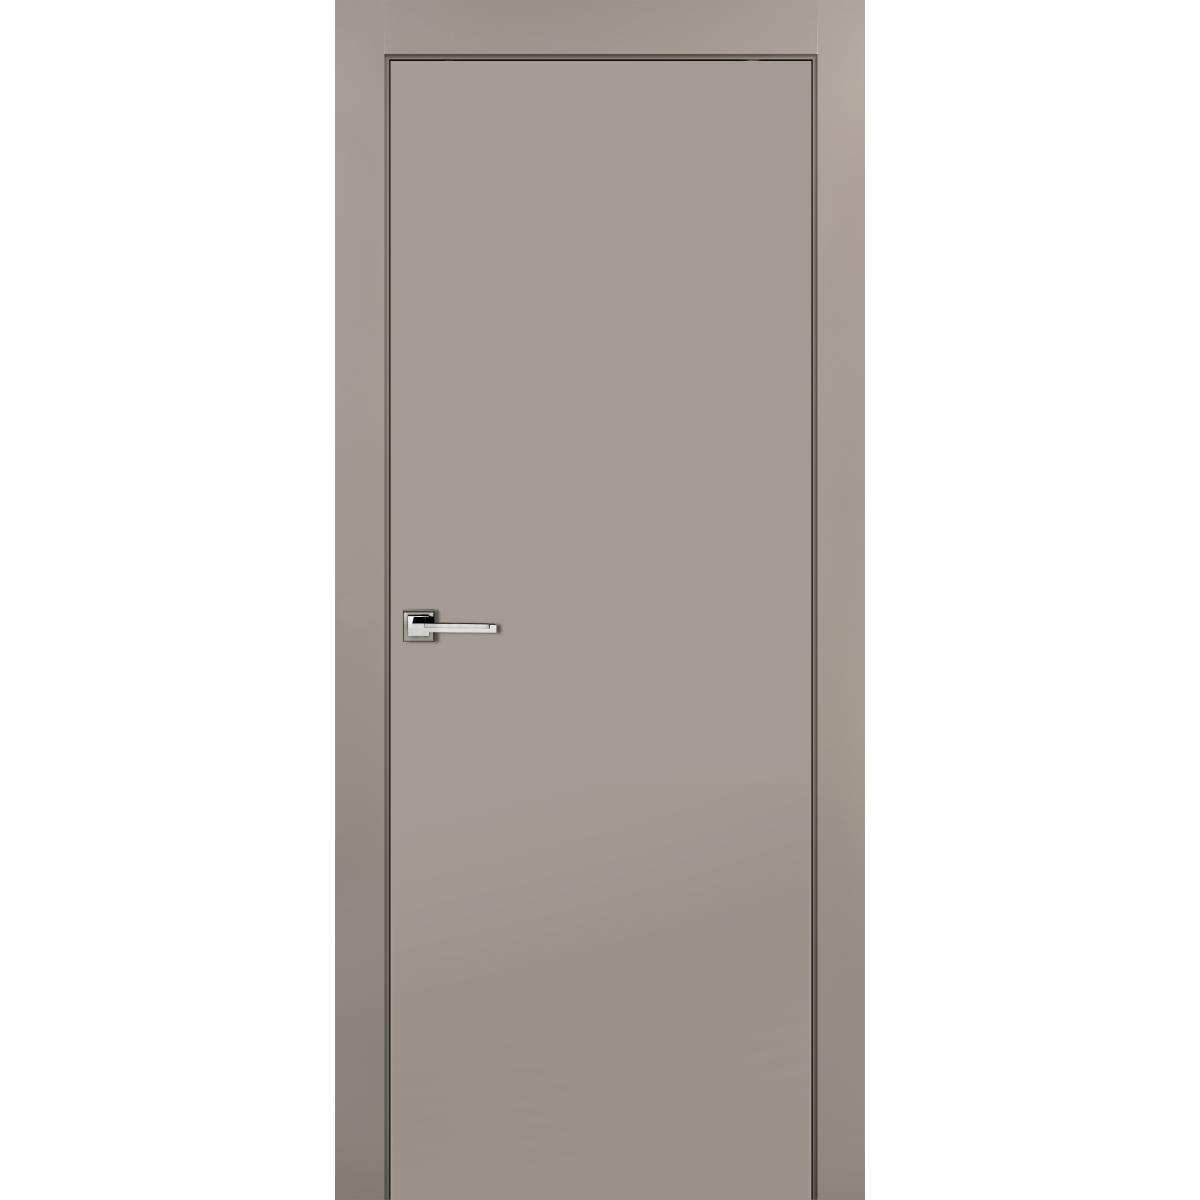 Дверь межкомнатная глухая с замком в комплекте 200x90 см эмаль цвет мускат